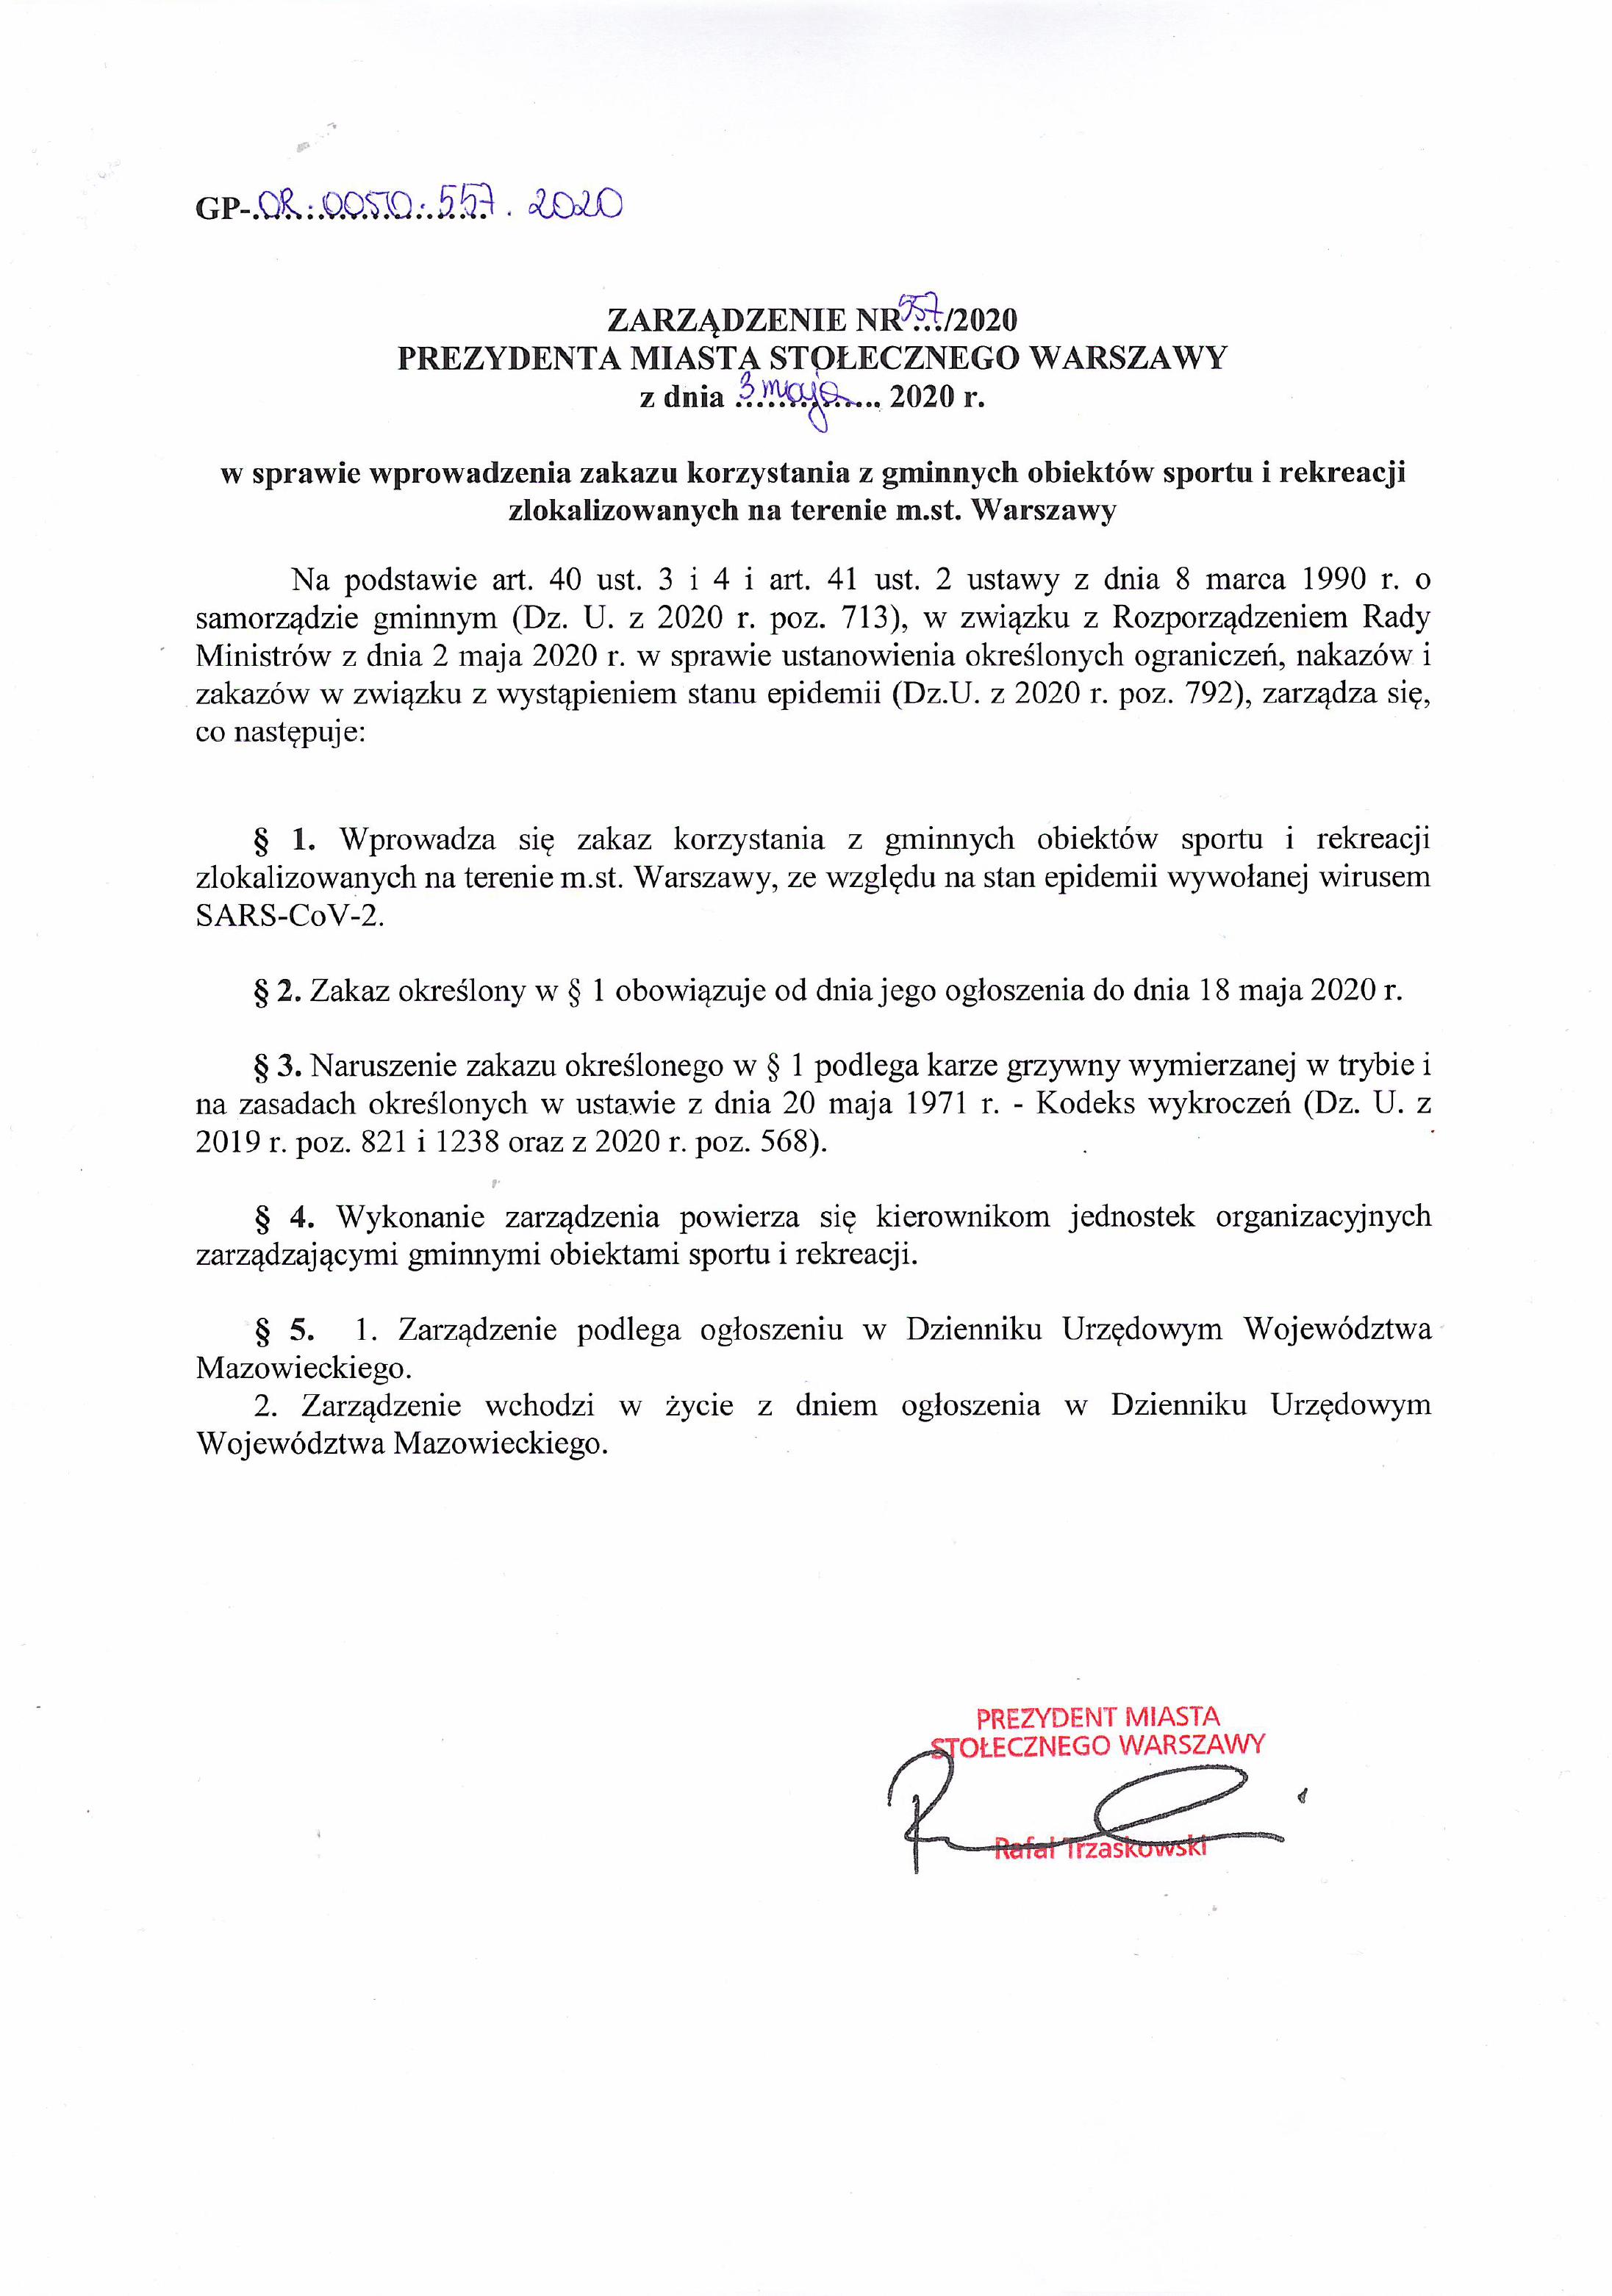 treść zarządzenia prezydneta m.st. warszawy informujące o zamknięciu obiektów sportowych do 18 maja 2020 roku